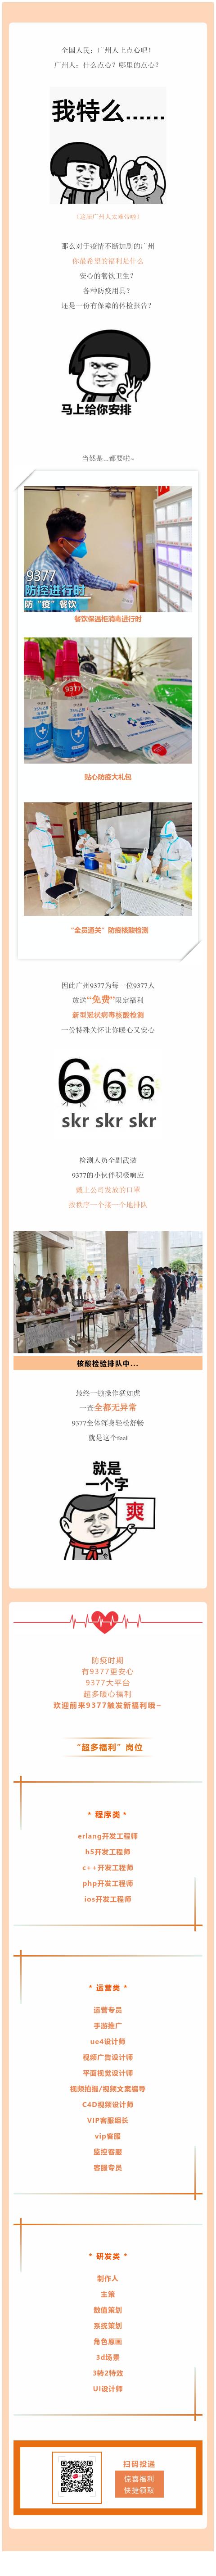 广州人上点心(官网版).png